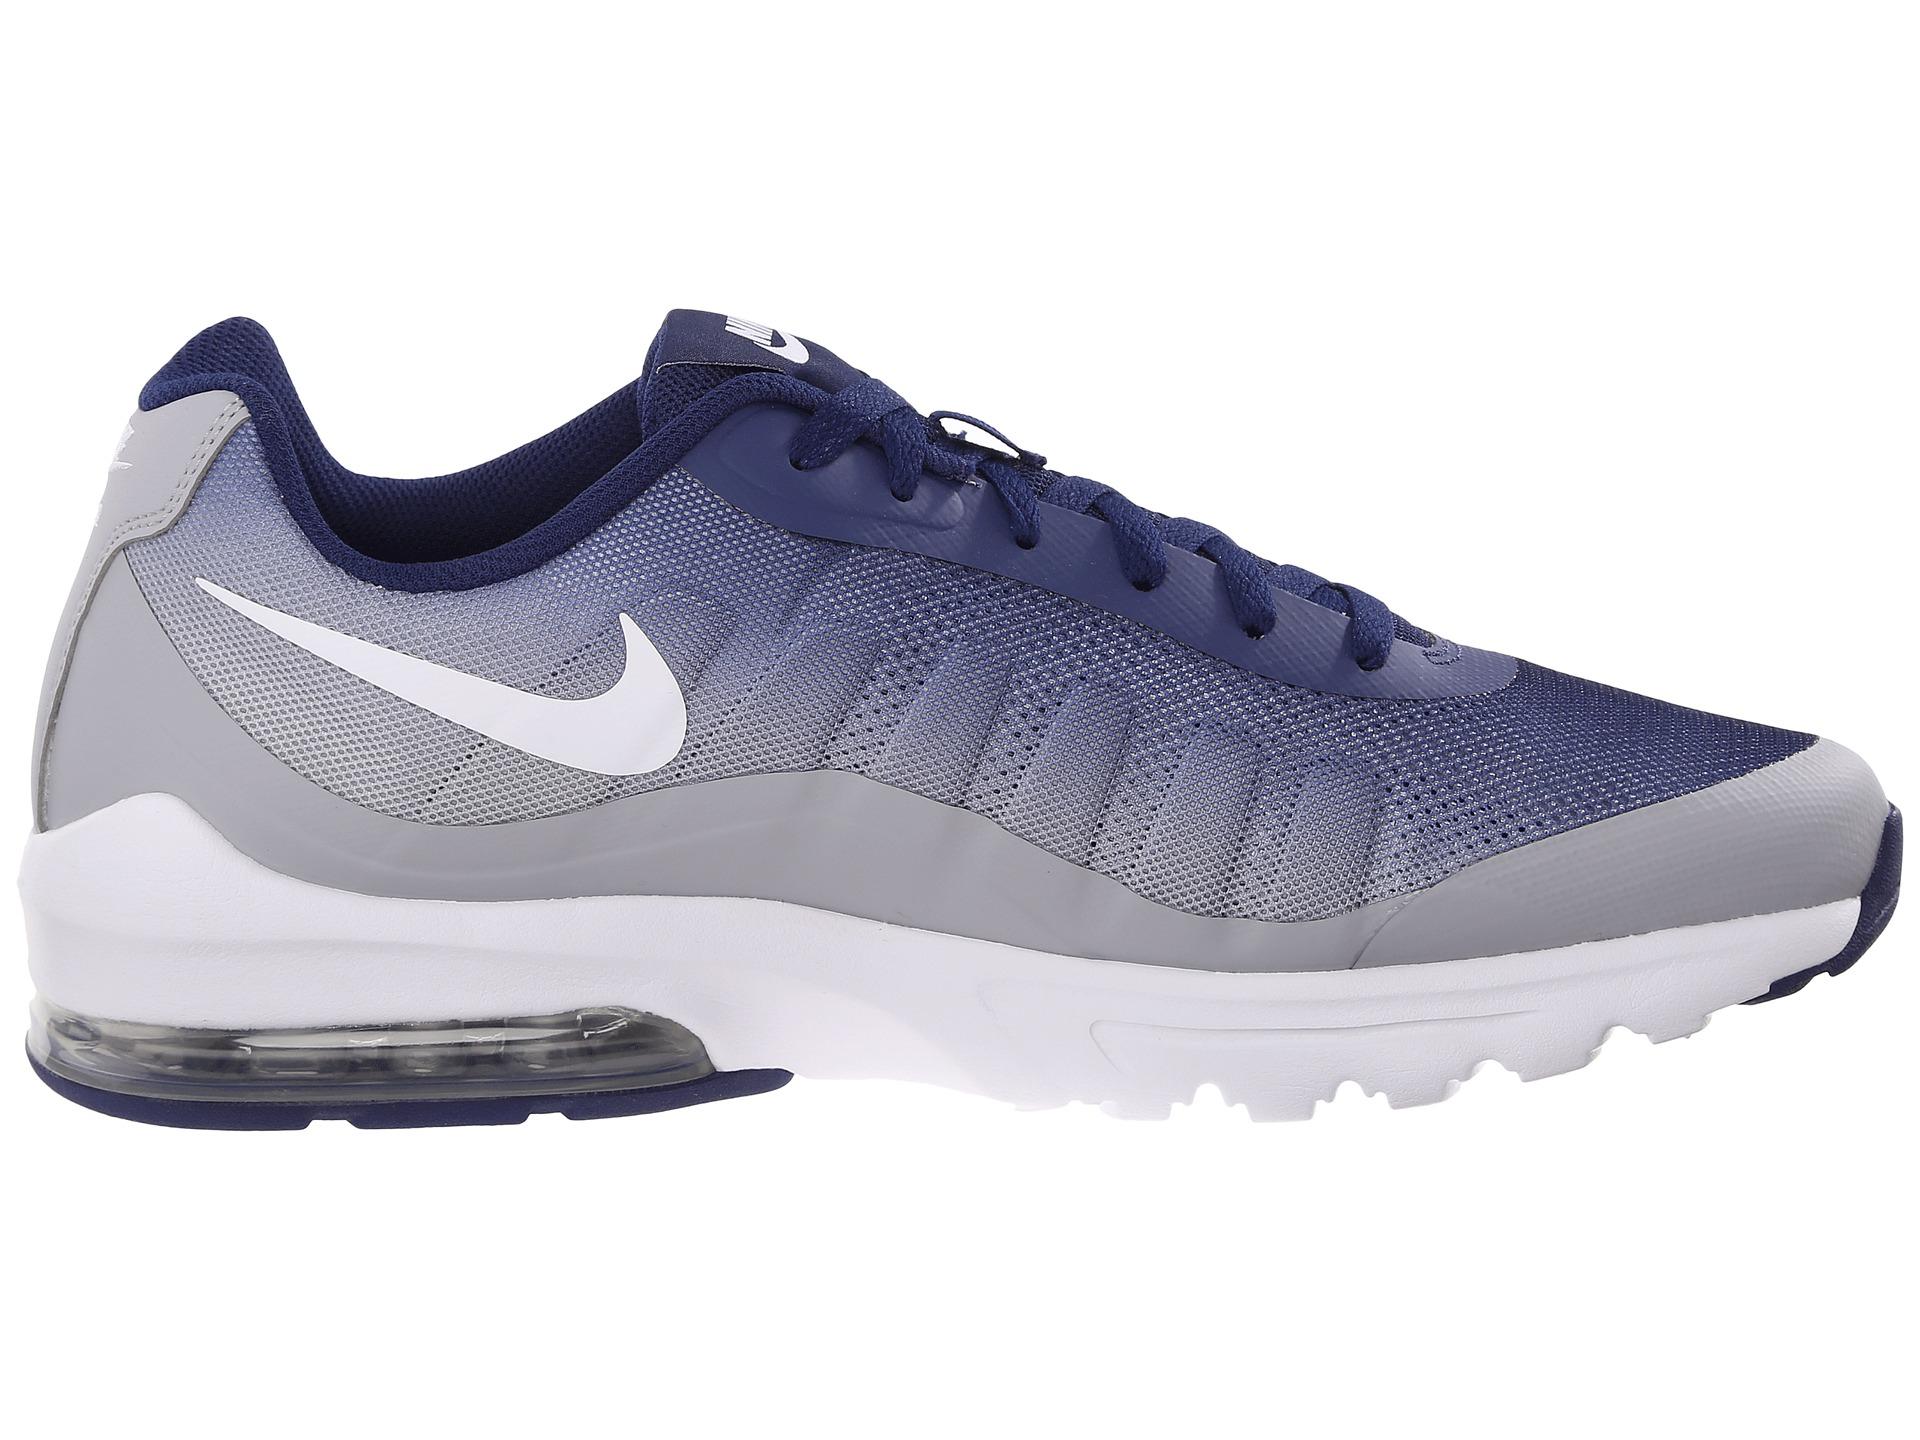 Nike Hommes Chaussures De Course Air Max De Invigor vente visite nouvelle classique faux sortie limité kzcpUls9i